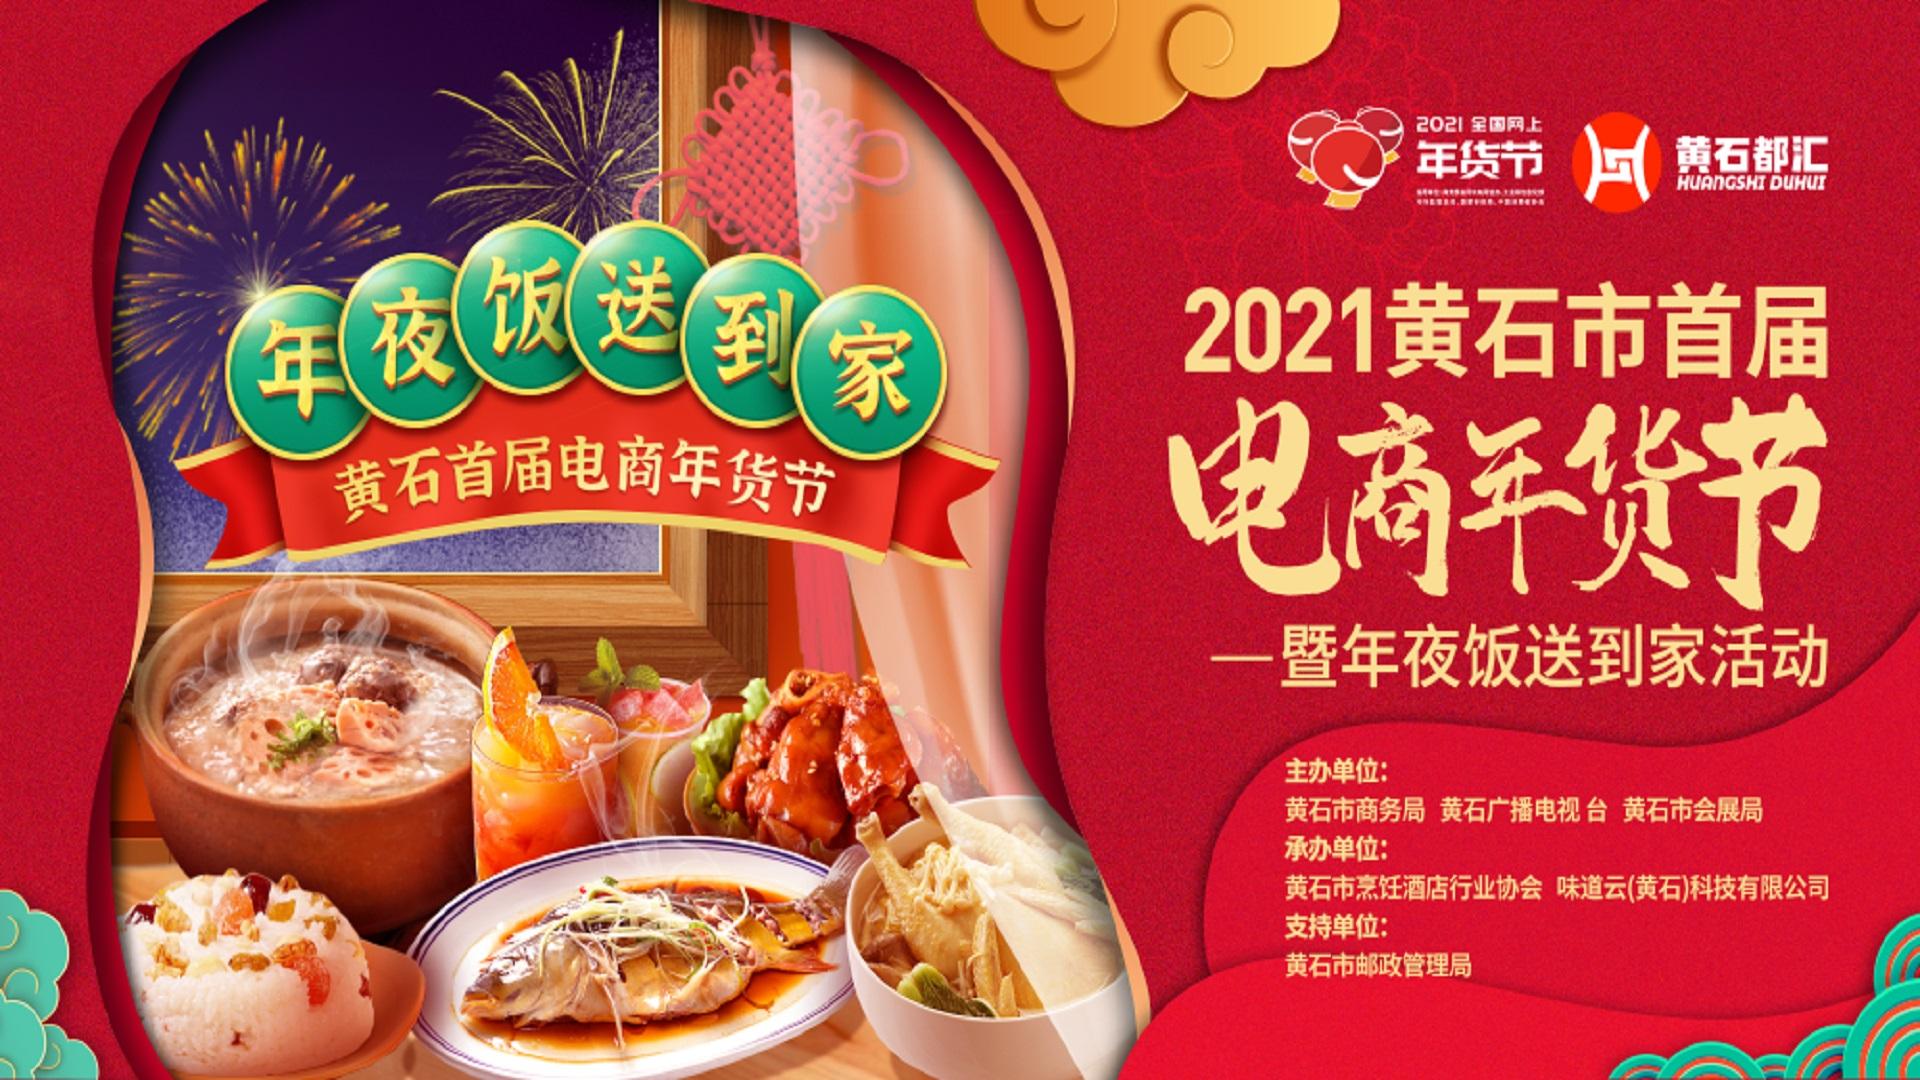 title='2021黄石市首届电商年货节暨年夜饭送到家活动'